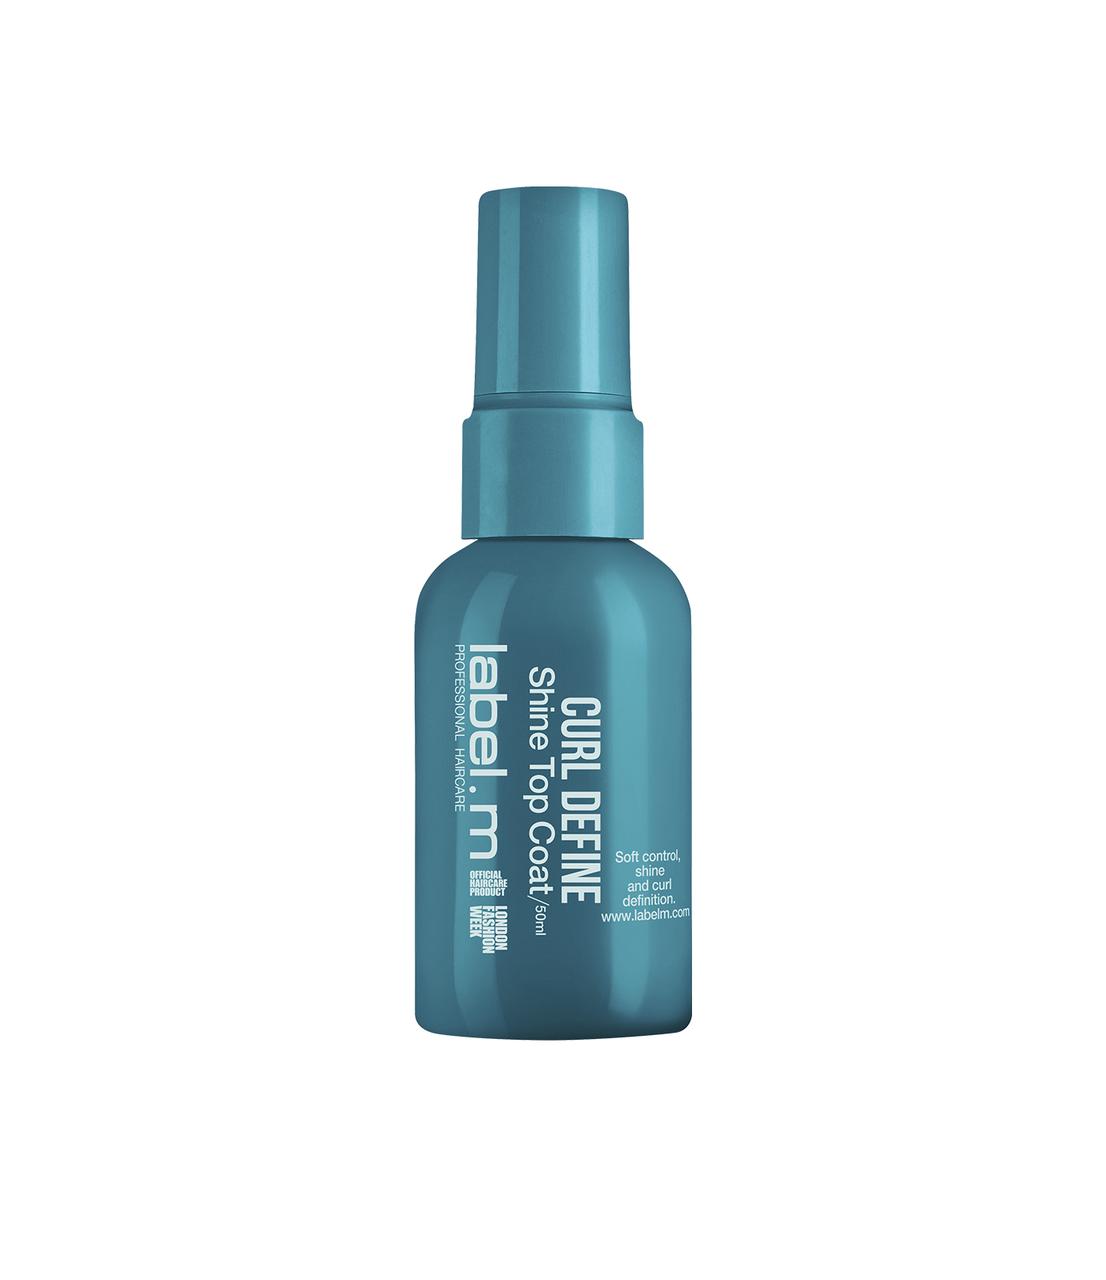 Curl Define Блеск-сыворотка для волос, 50 мл. label. m